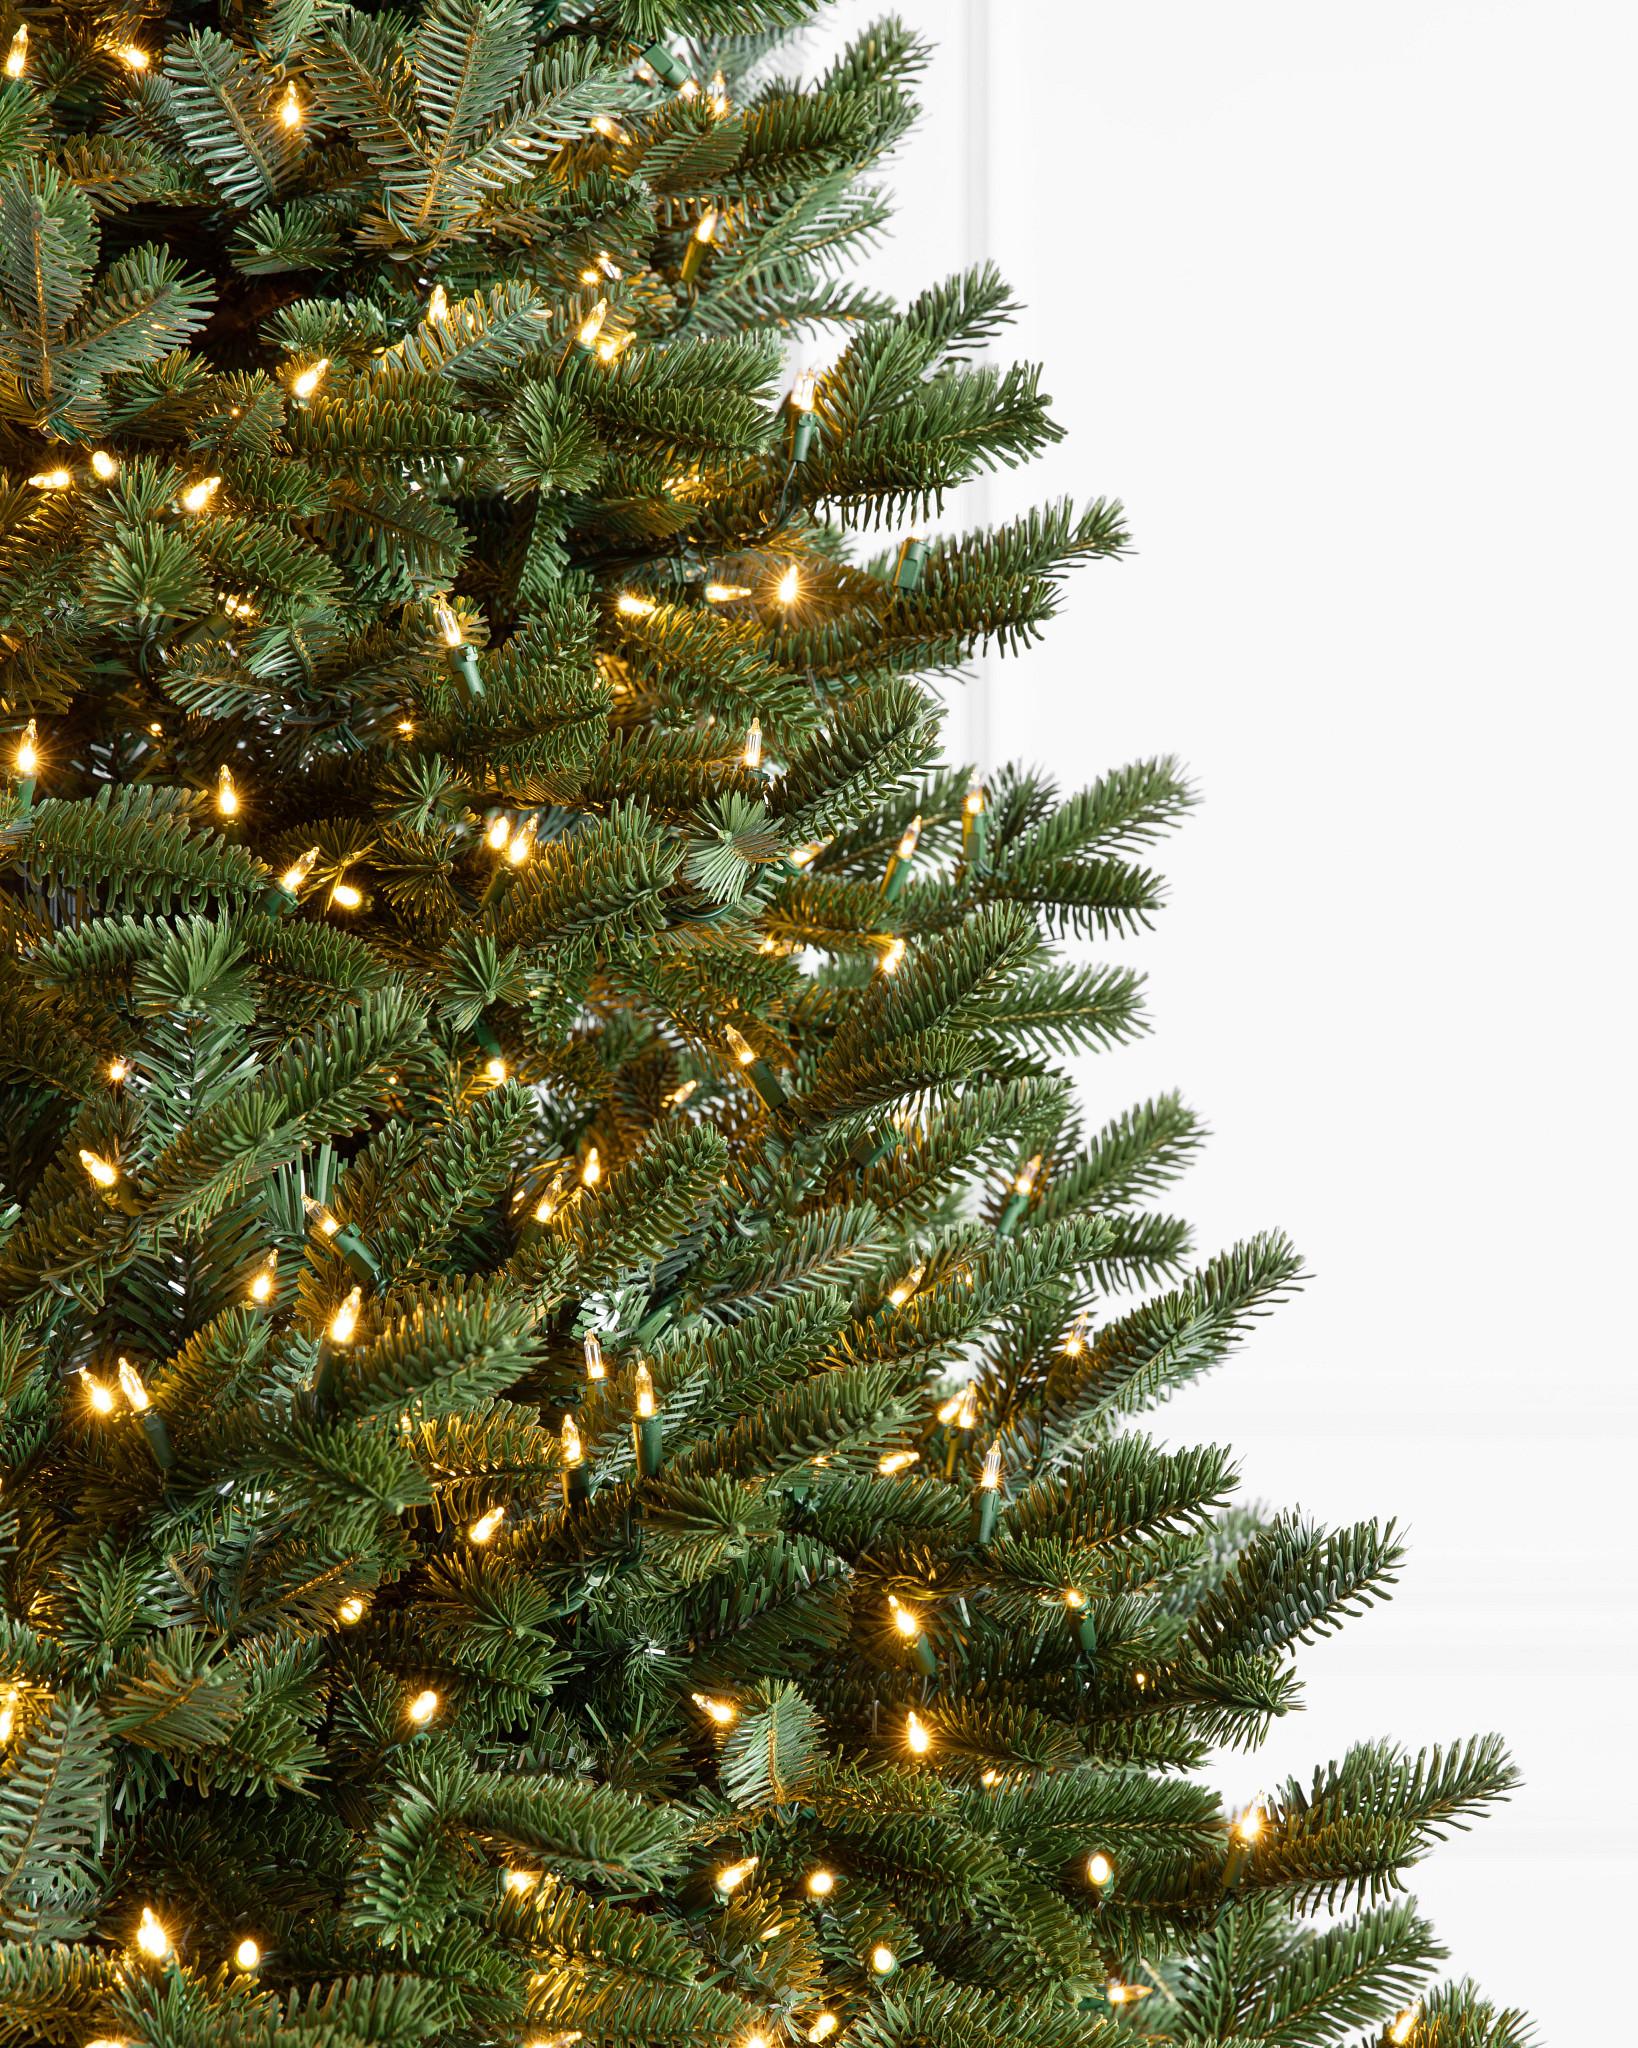 Weiße LED-Leuchten am Weihnachtsbaum